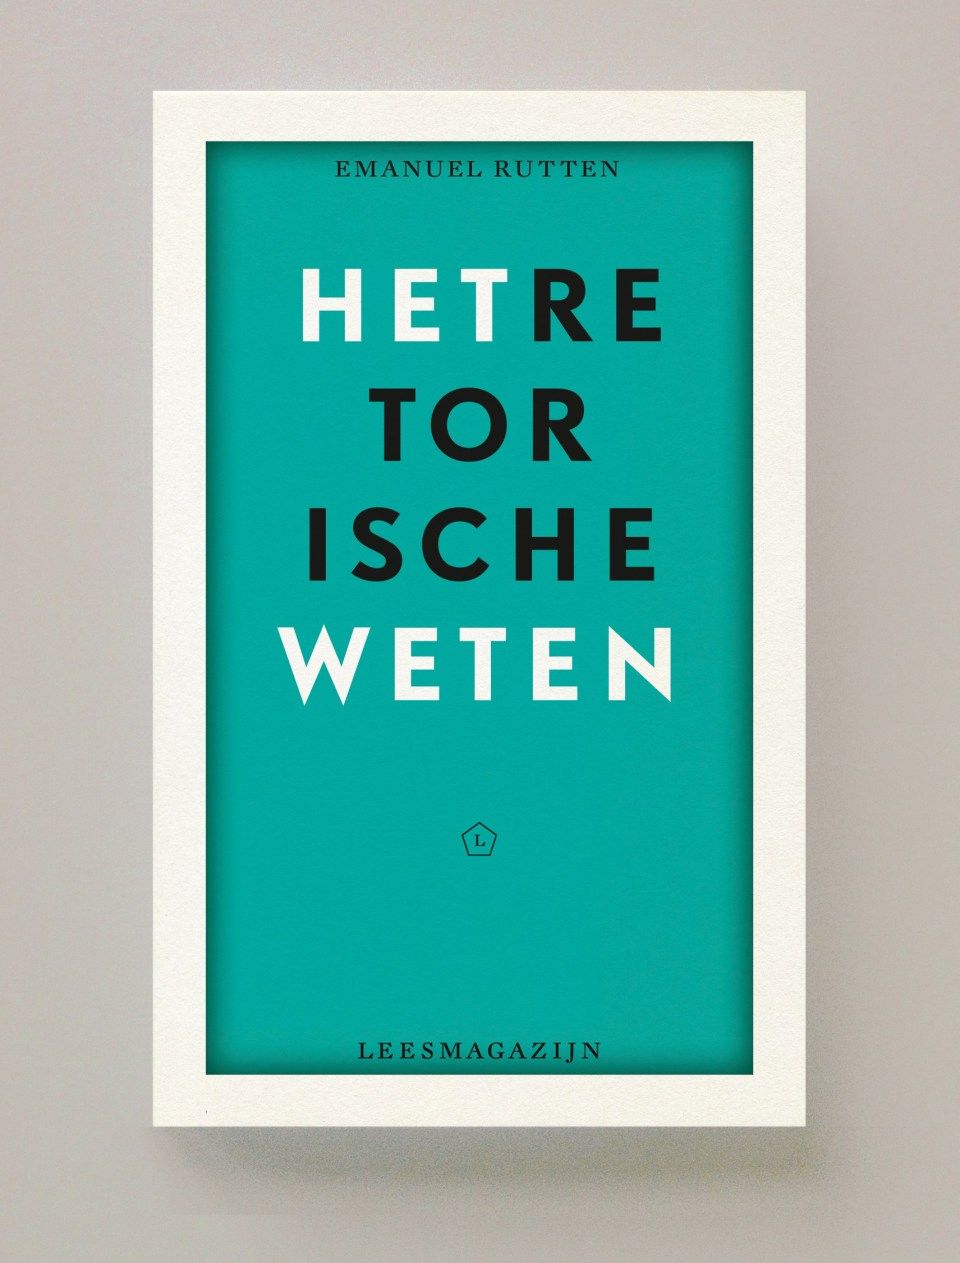 cover-RetorischeWeten-Highres